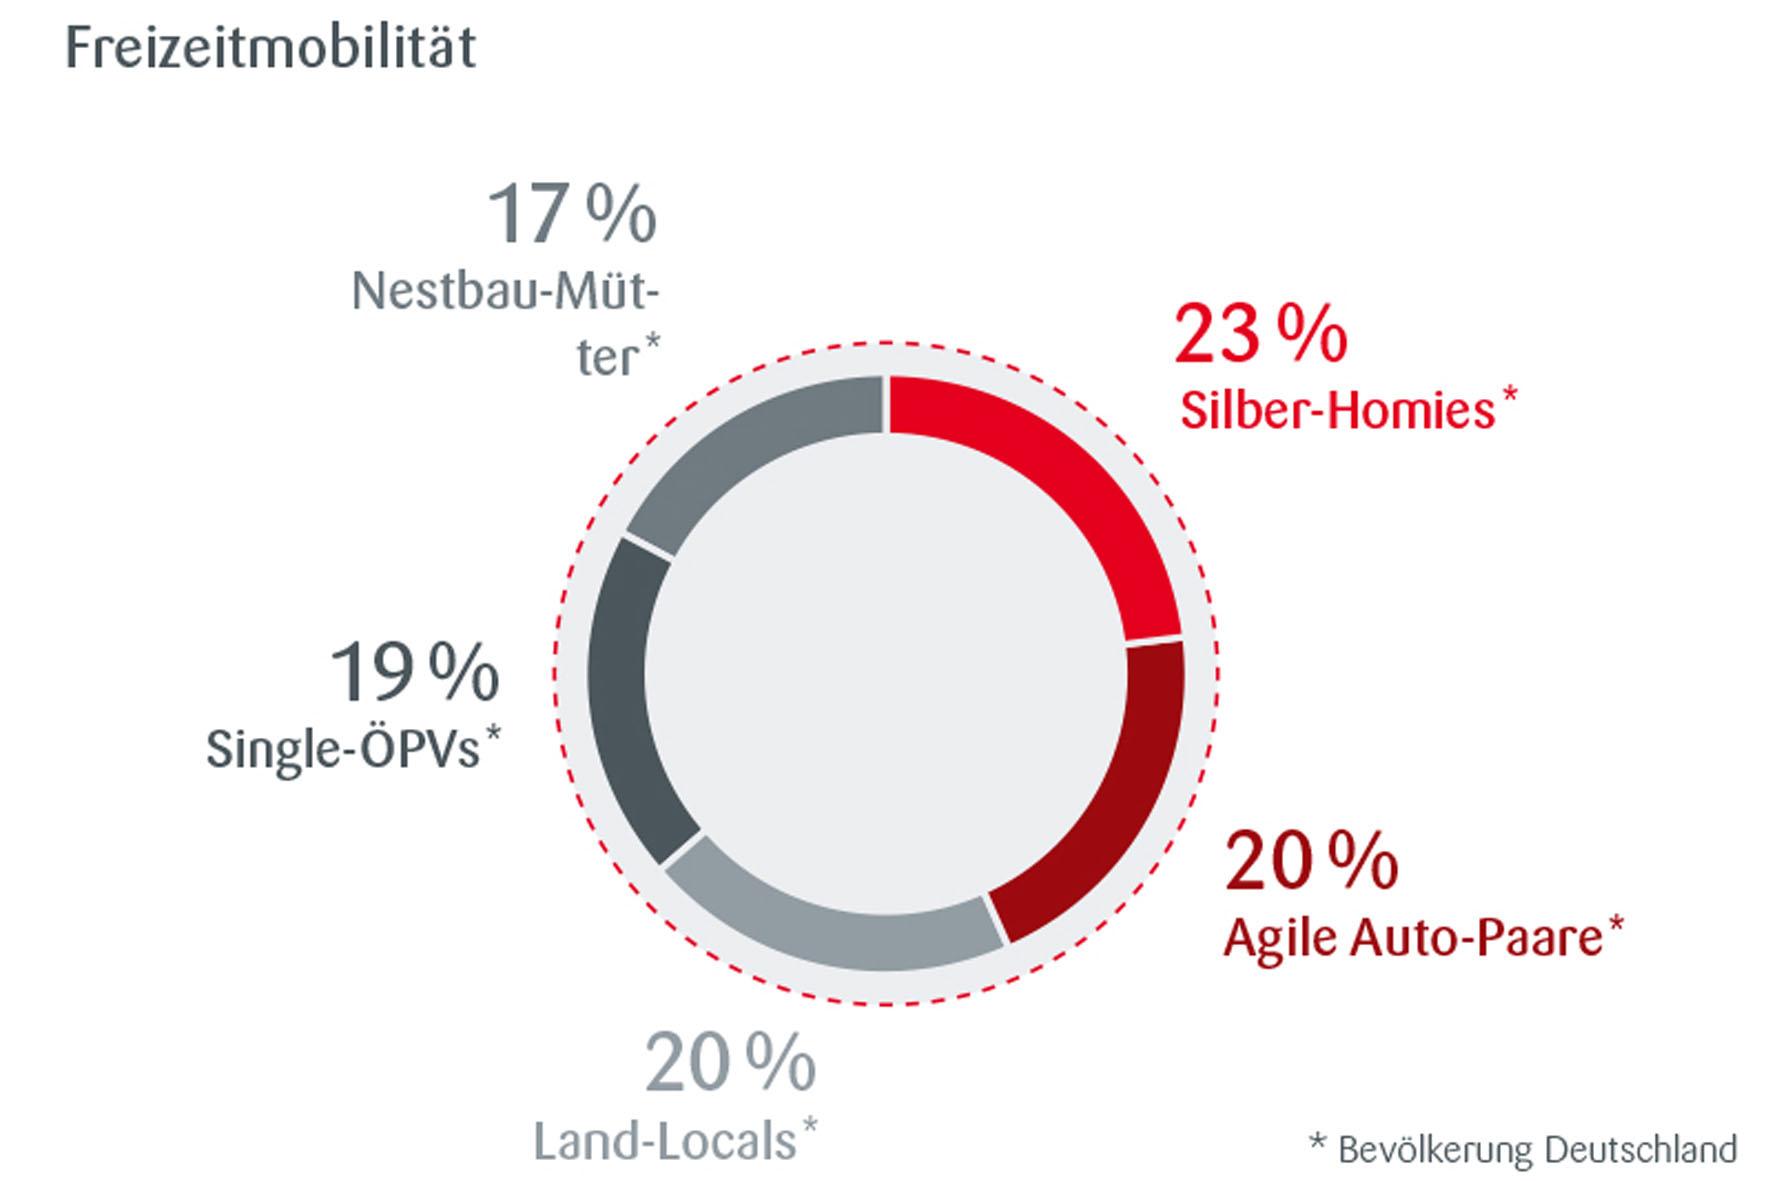 Auf einen Blick: die fünf Freizeitmobilitätstypen und ihr Anteil an der Bevölkerung in Deutschland.